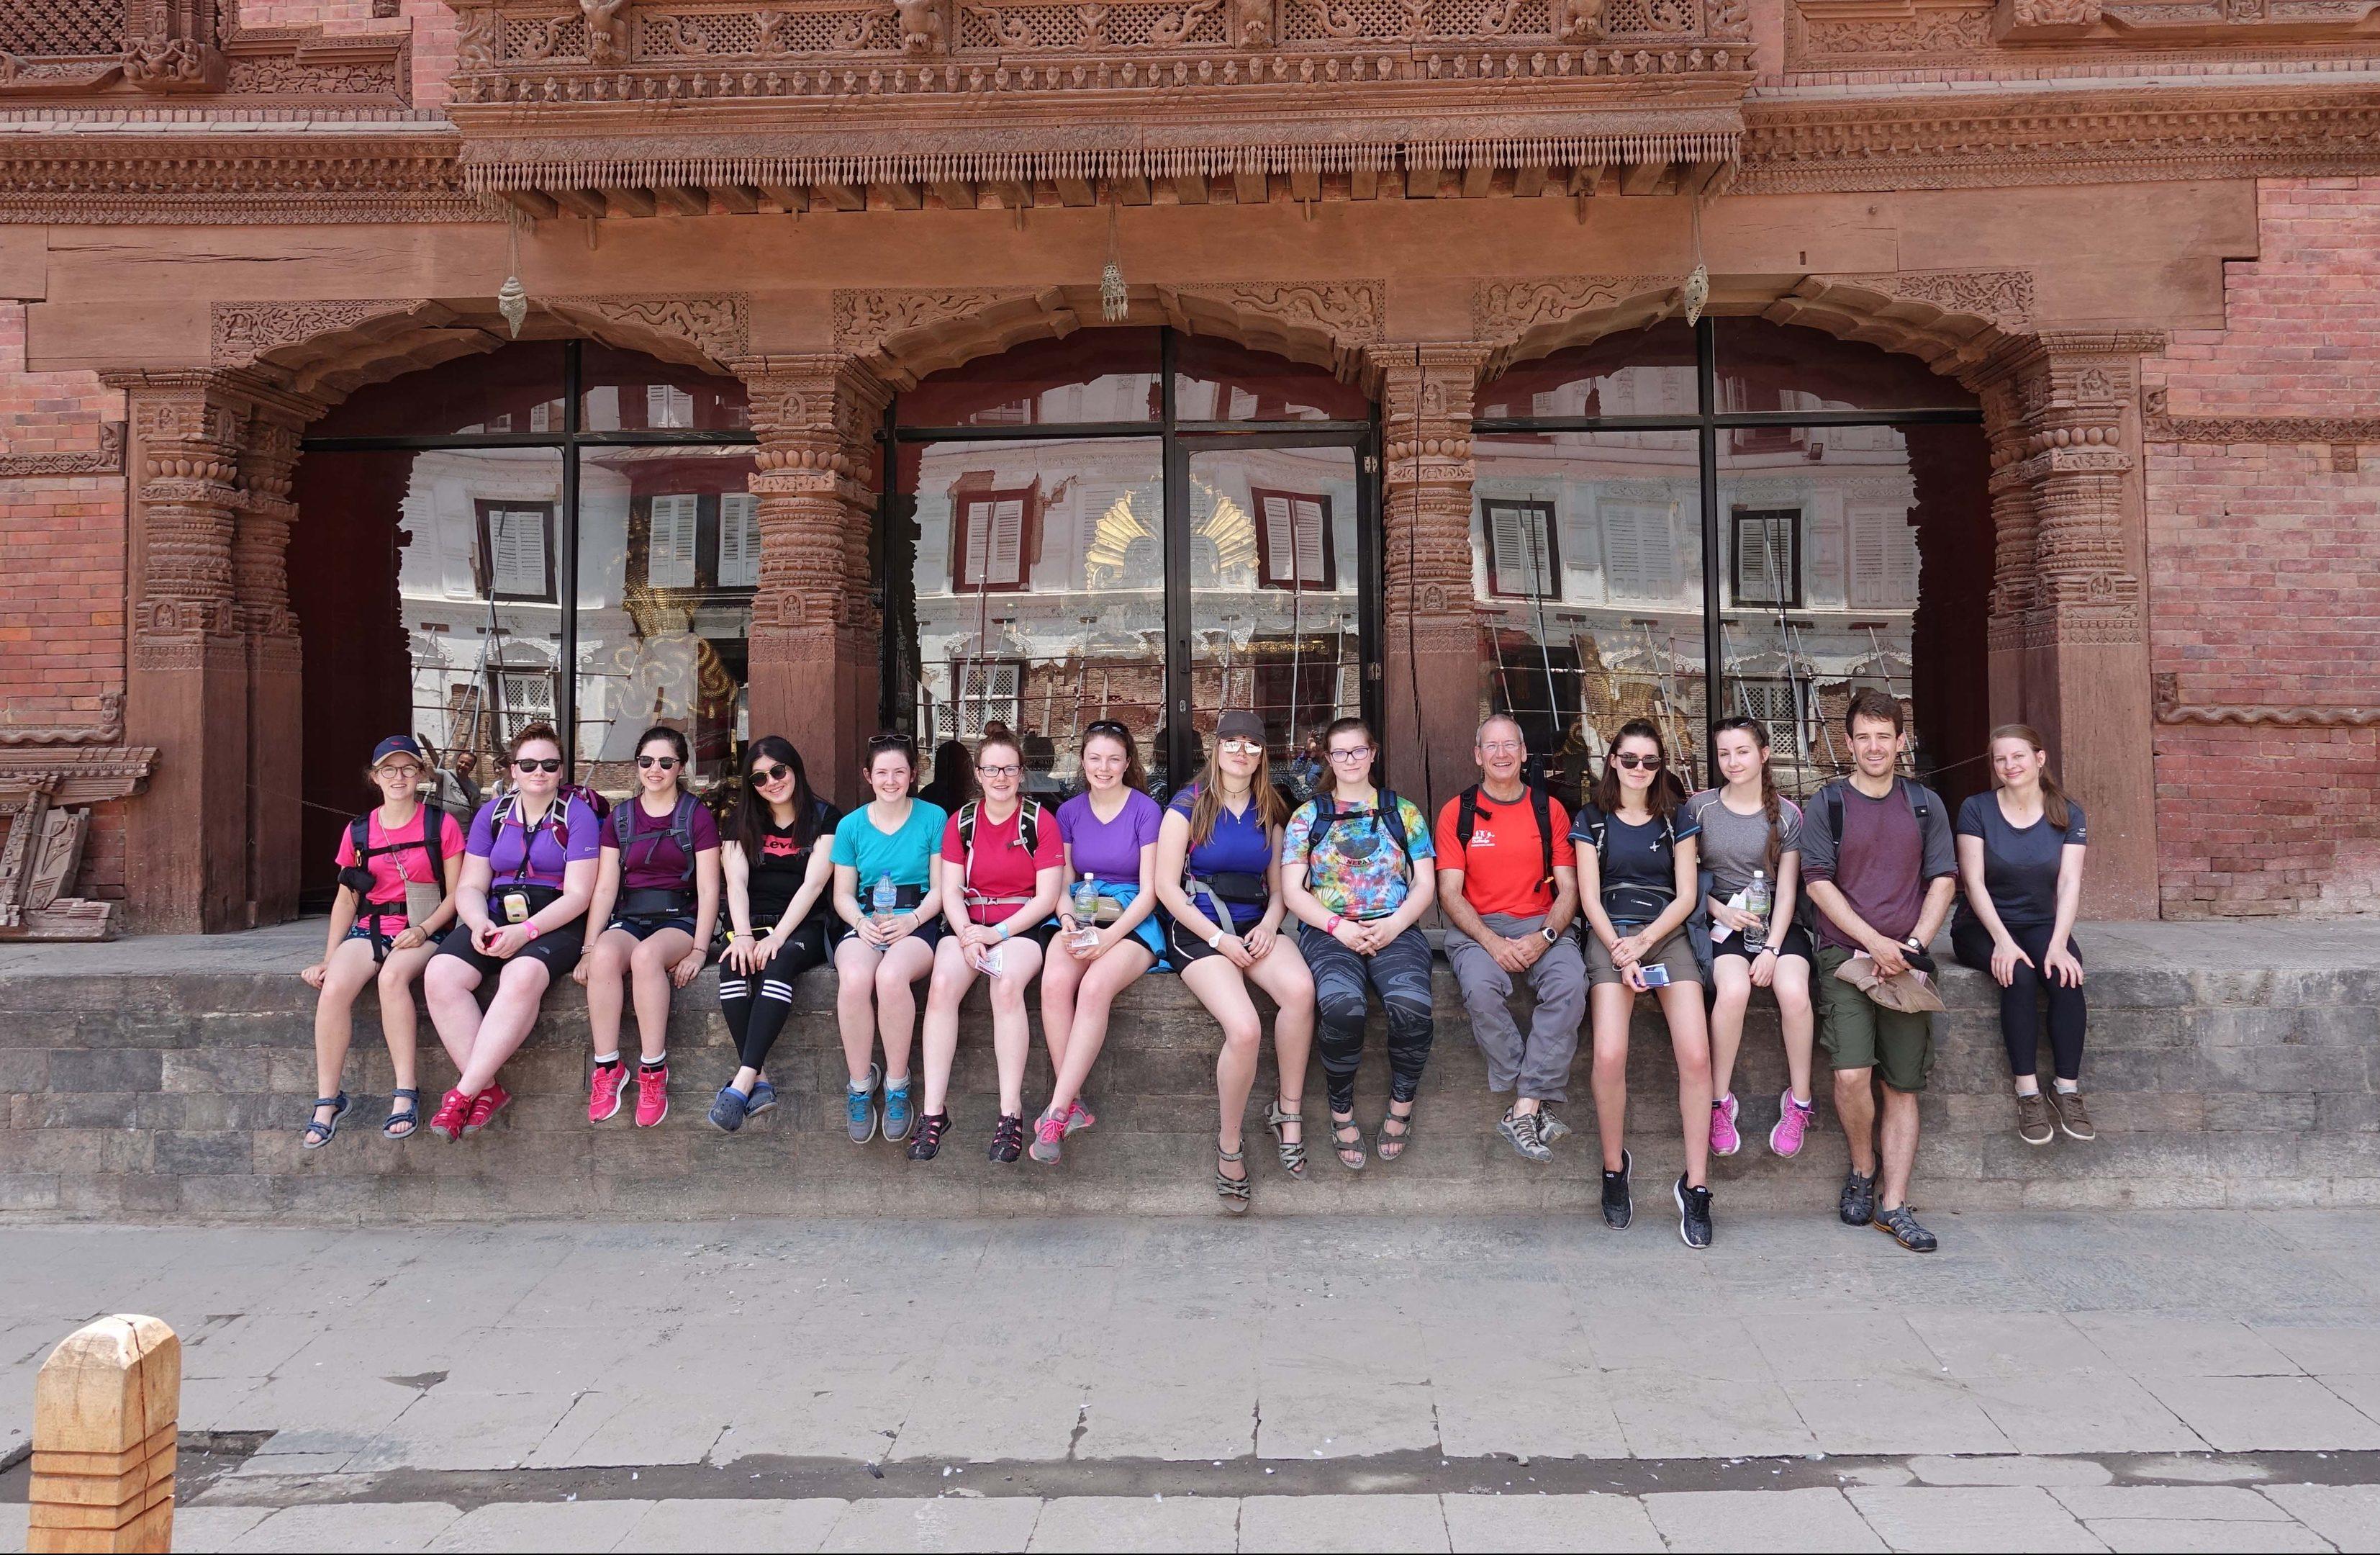 The Kilgraston group in Nepal.